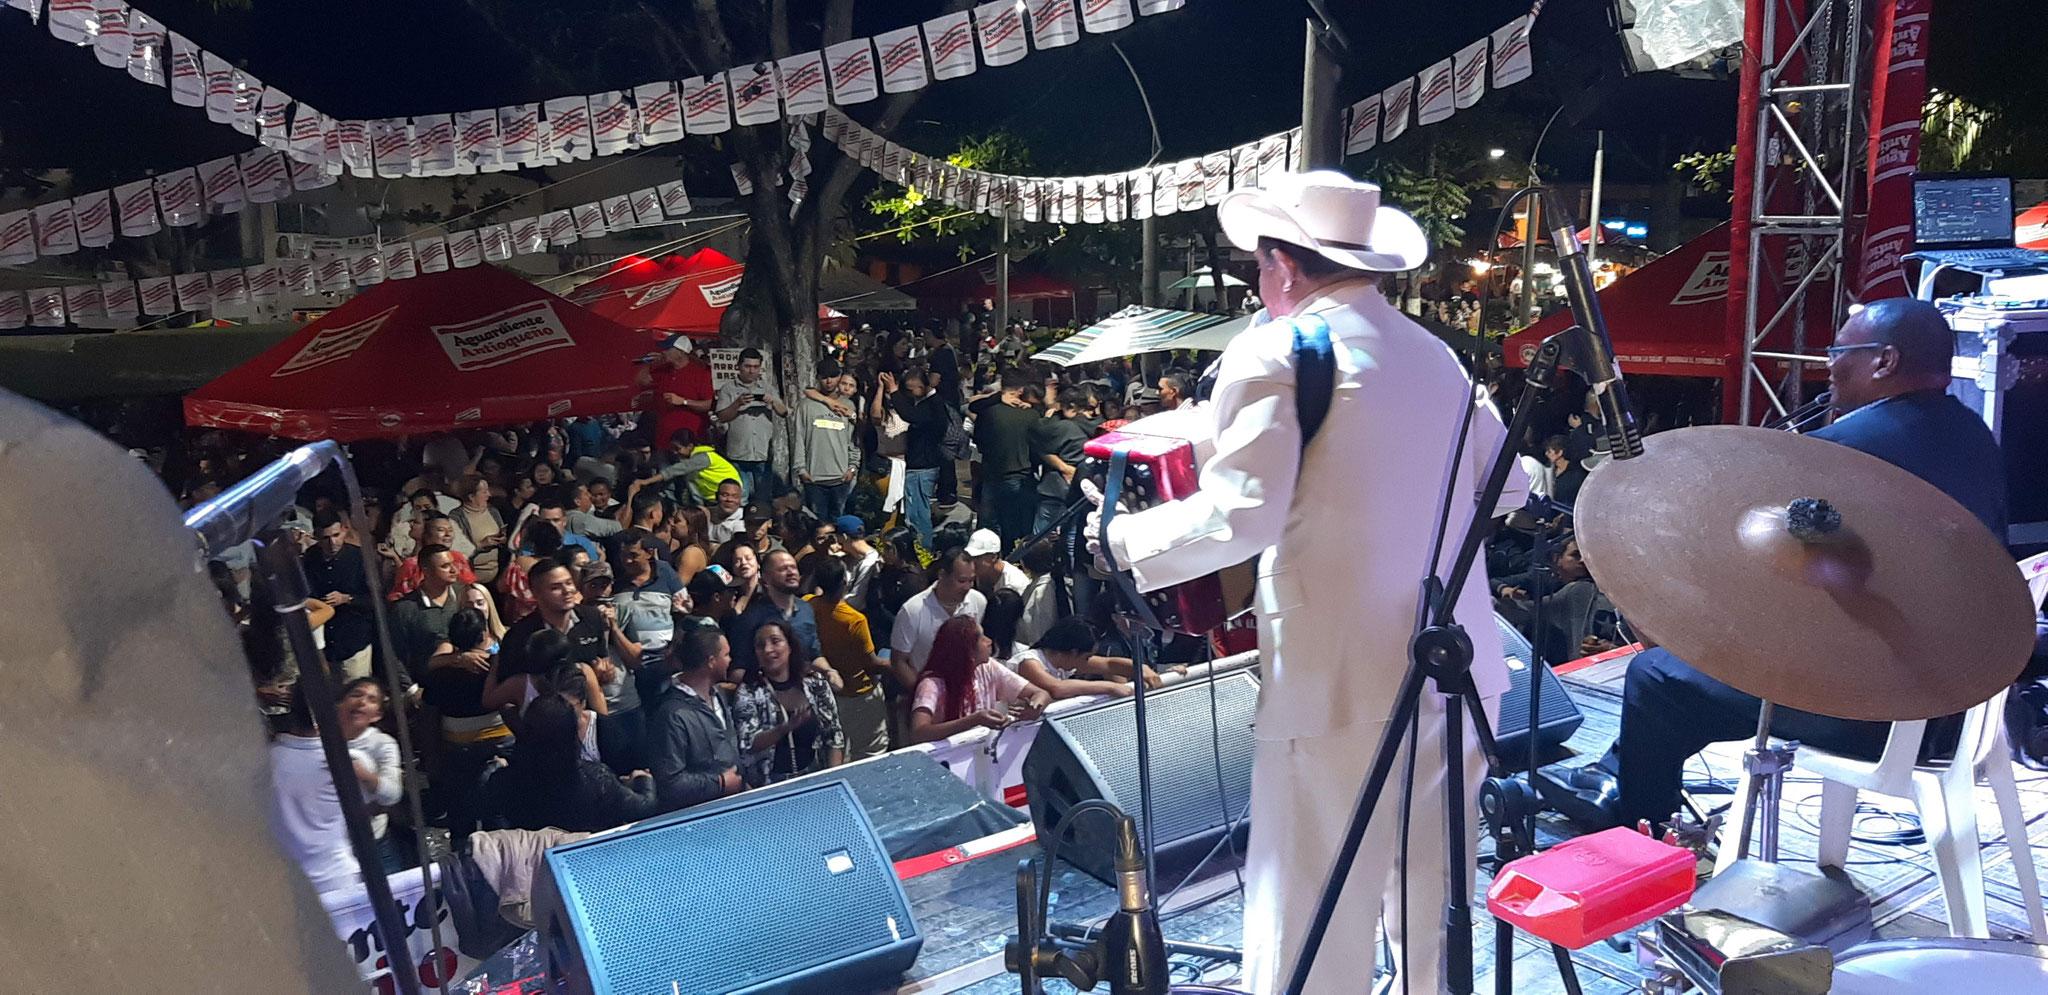 Ebéjico, Antioquia 12 octubre 2019